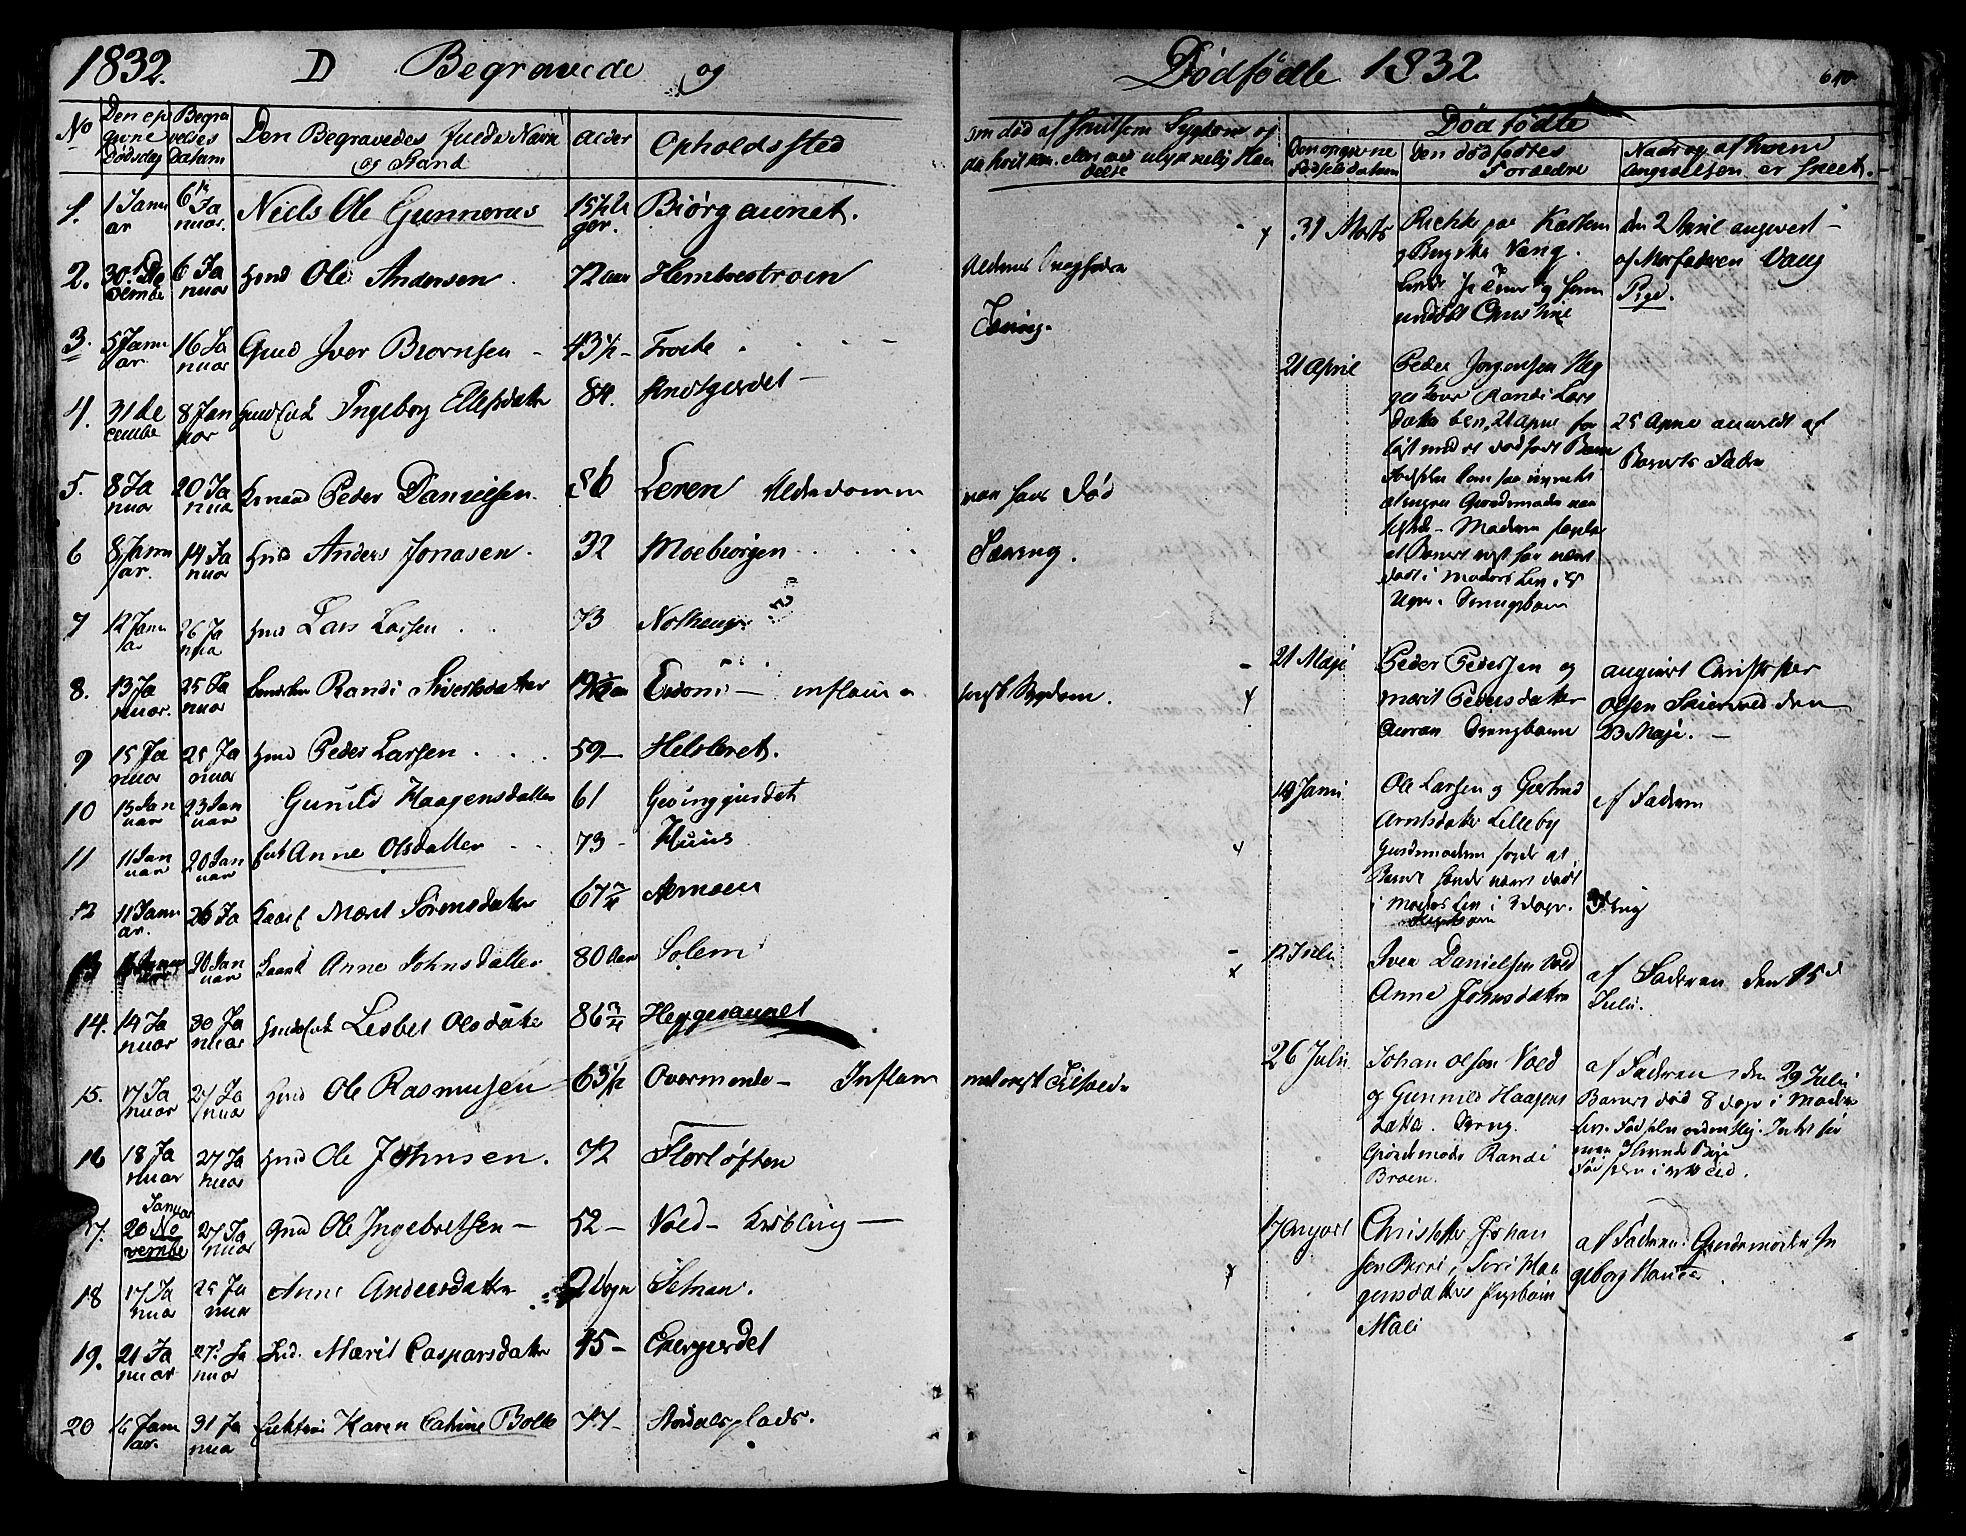 SAT, Ministerialprotokoller, klokkerbøker og fødselsregistre - Nord-Trøndelag, 709/L0070: Ministerialbok nr. 709A10, 1820-1832, s. 640